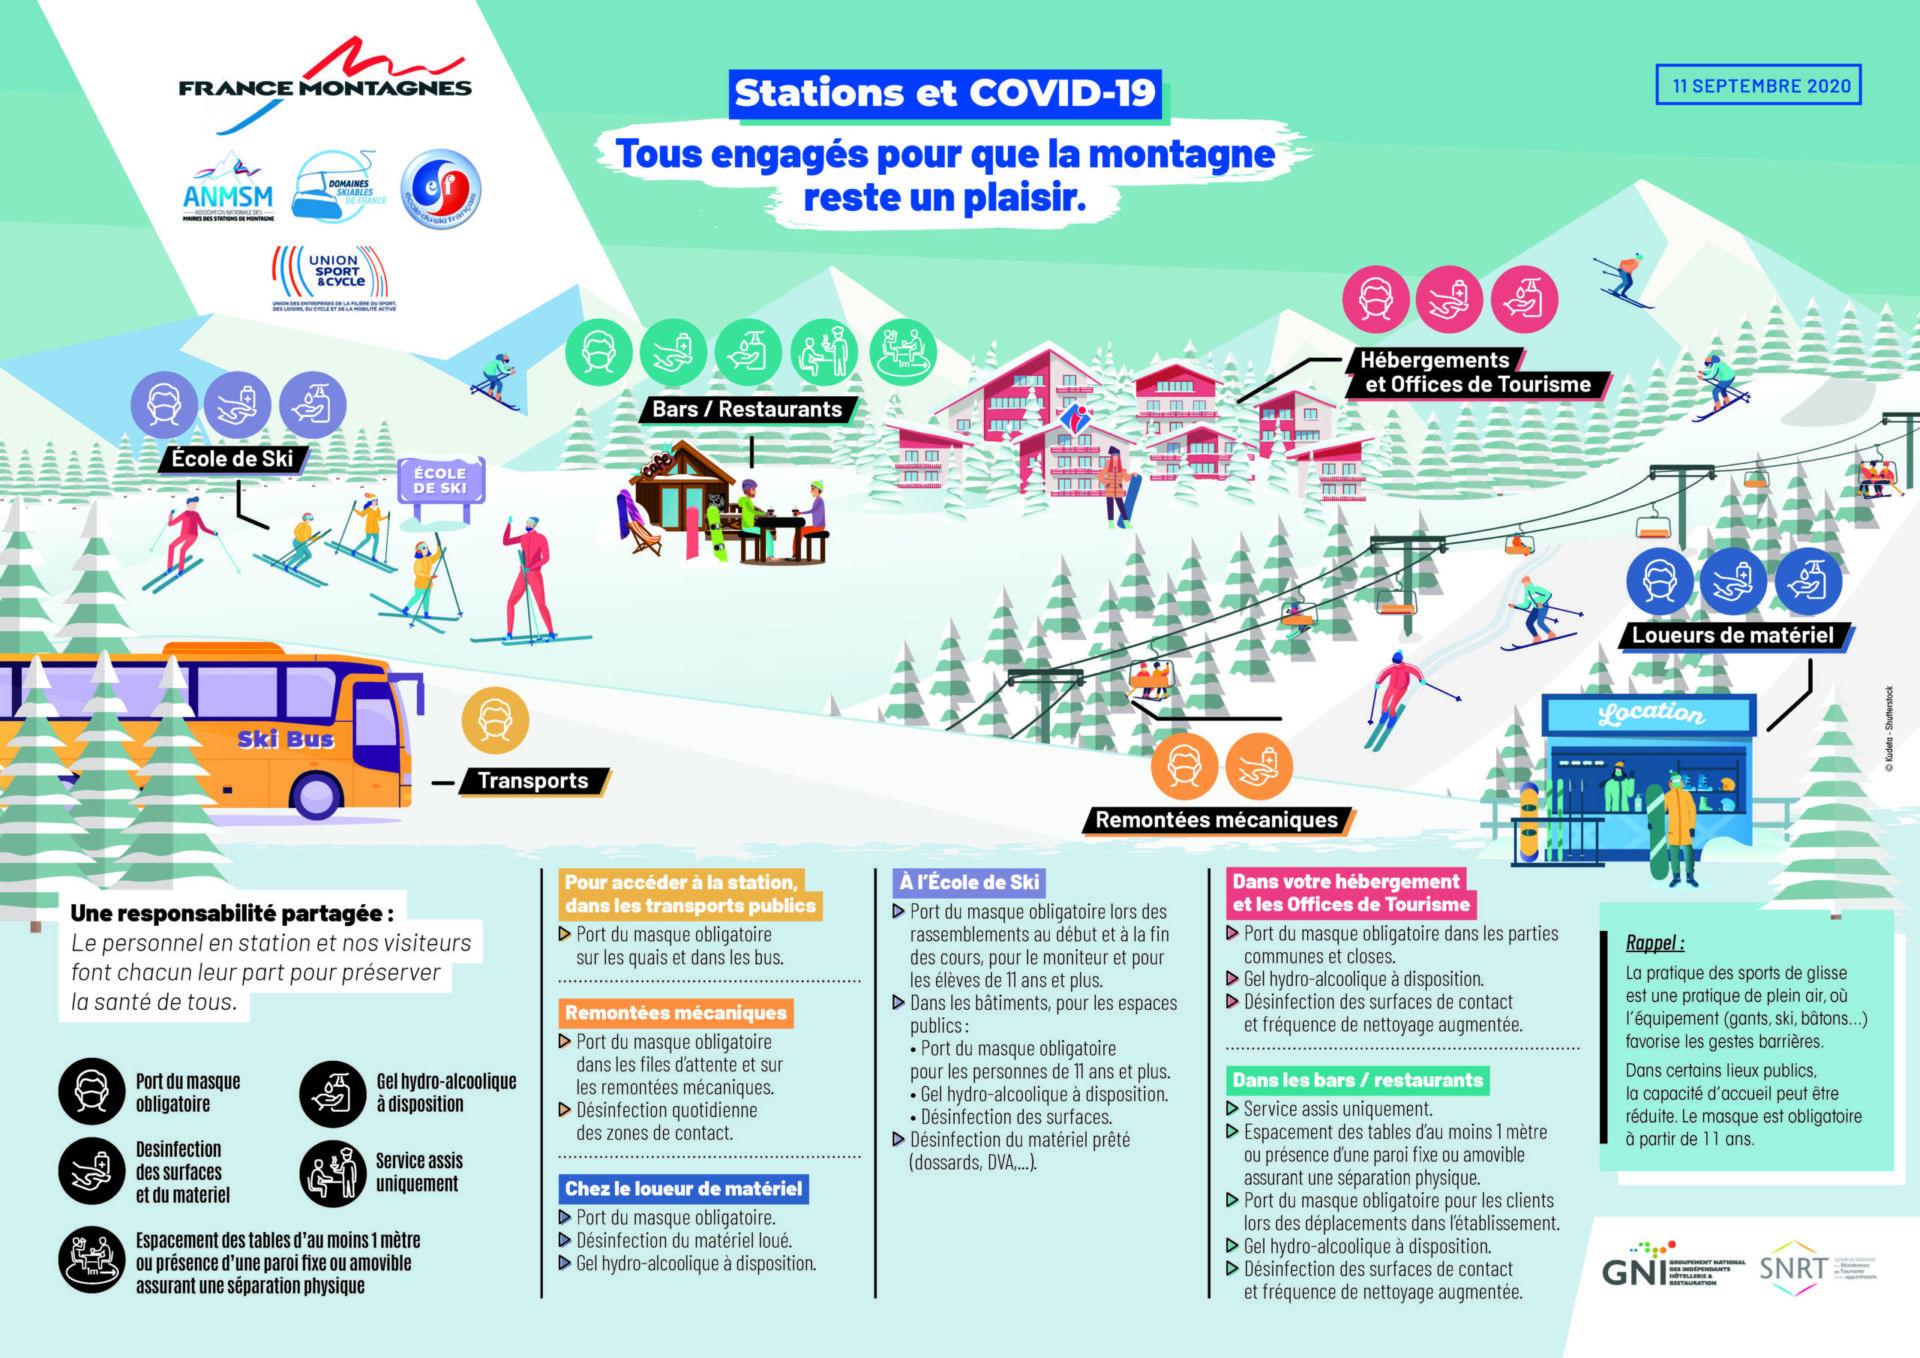 Synthèse préfectorale des mesures sanitaires dans le Département des Hautes-Alpes - Mairie de Montgenèvre